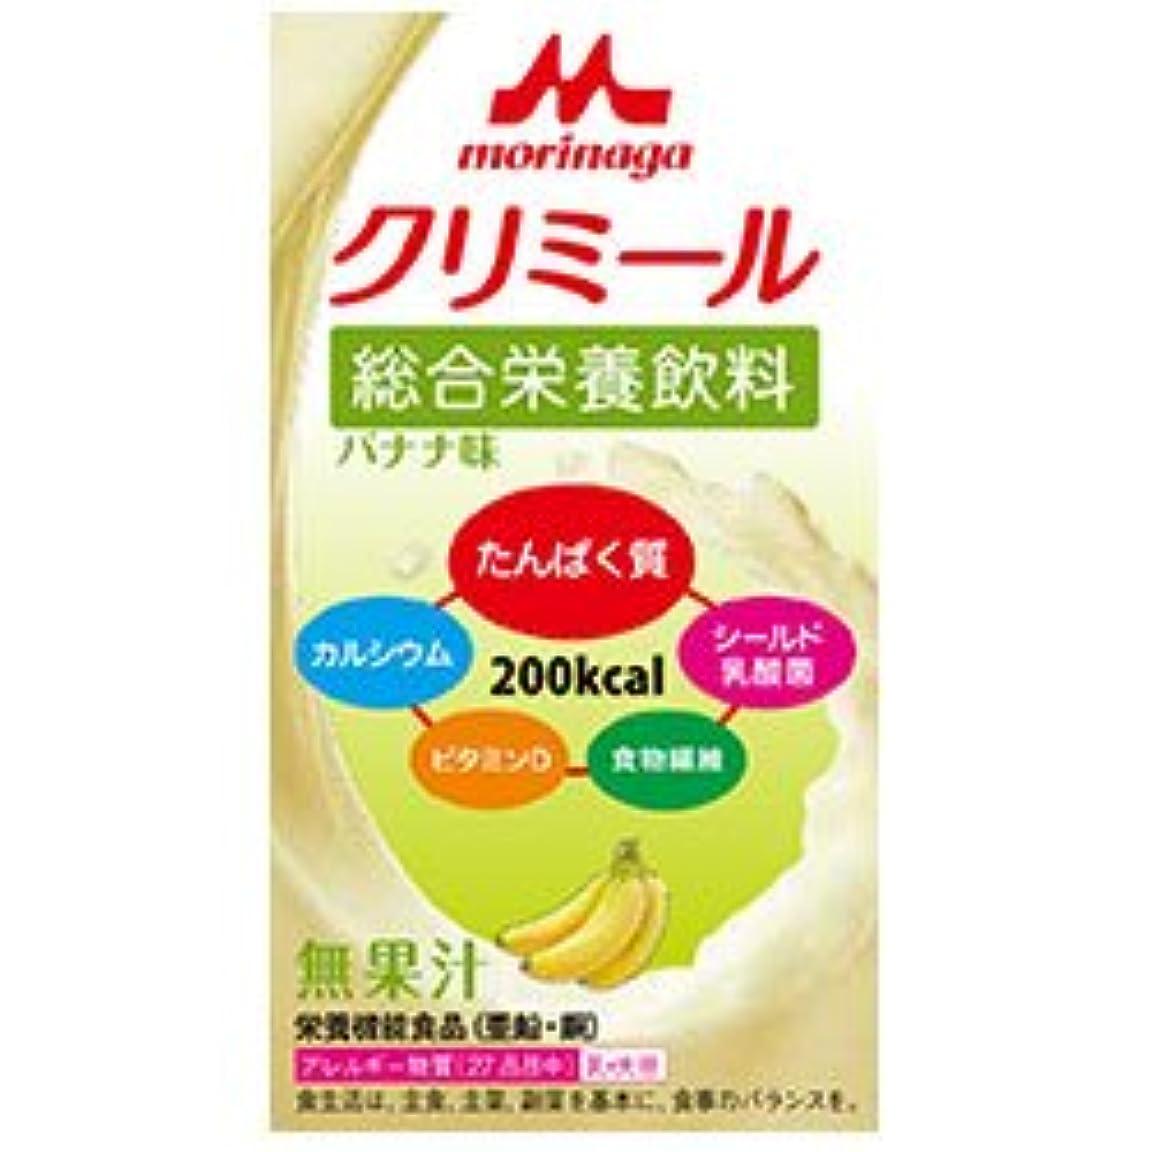 お尻自発的ジャンプする森永乳業 クリミール バナナ味 125ml紙パック×24本入×(2ケース)